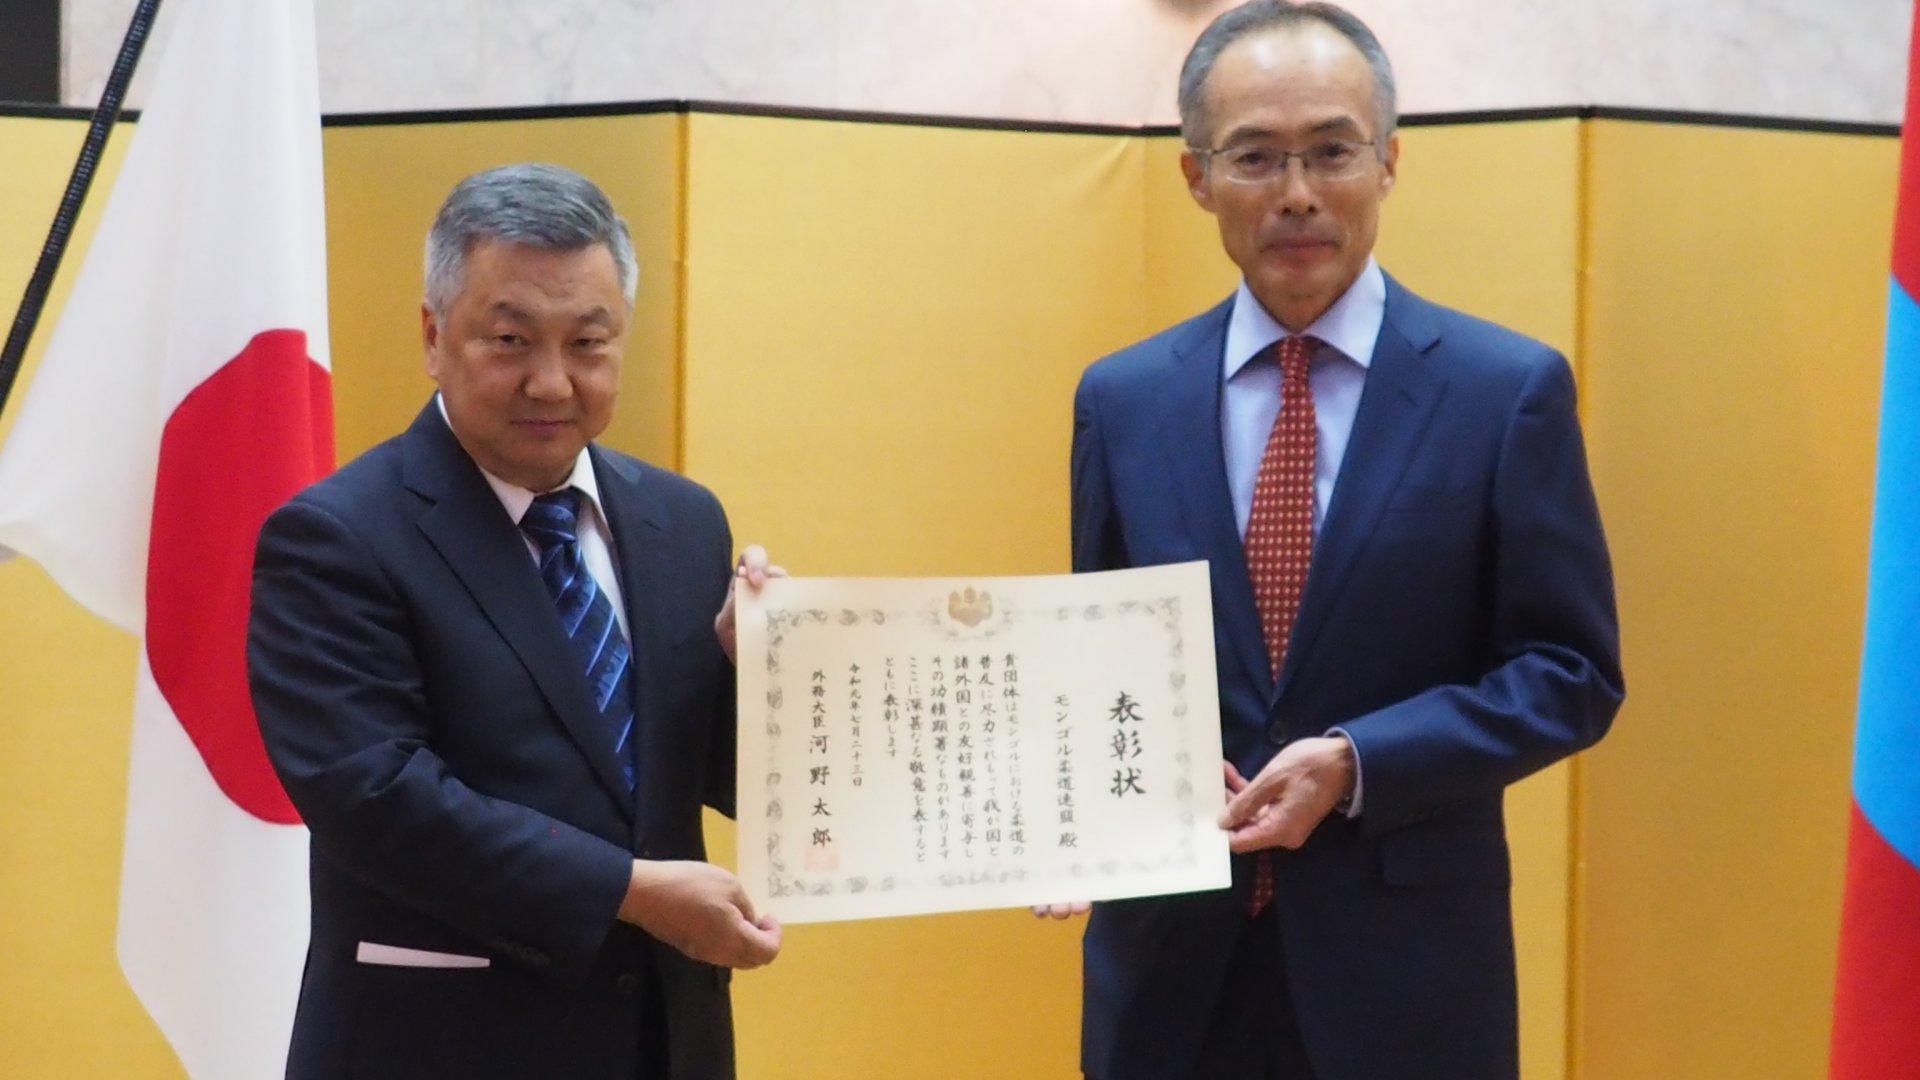 Монголын жүдо бөхийн холбоонд Япон улсын Гадаад хэргийн сайдын хүндэт өргөмжлөлийг гардууллаа